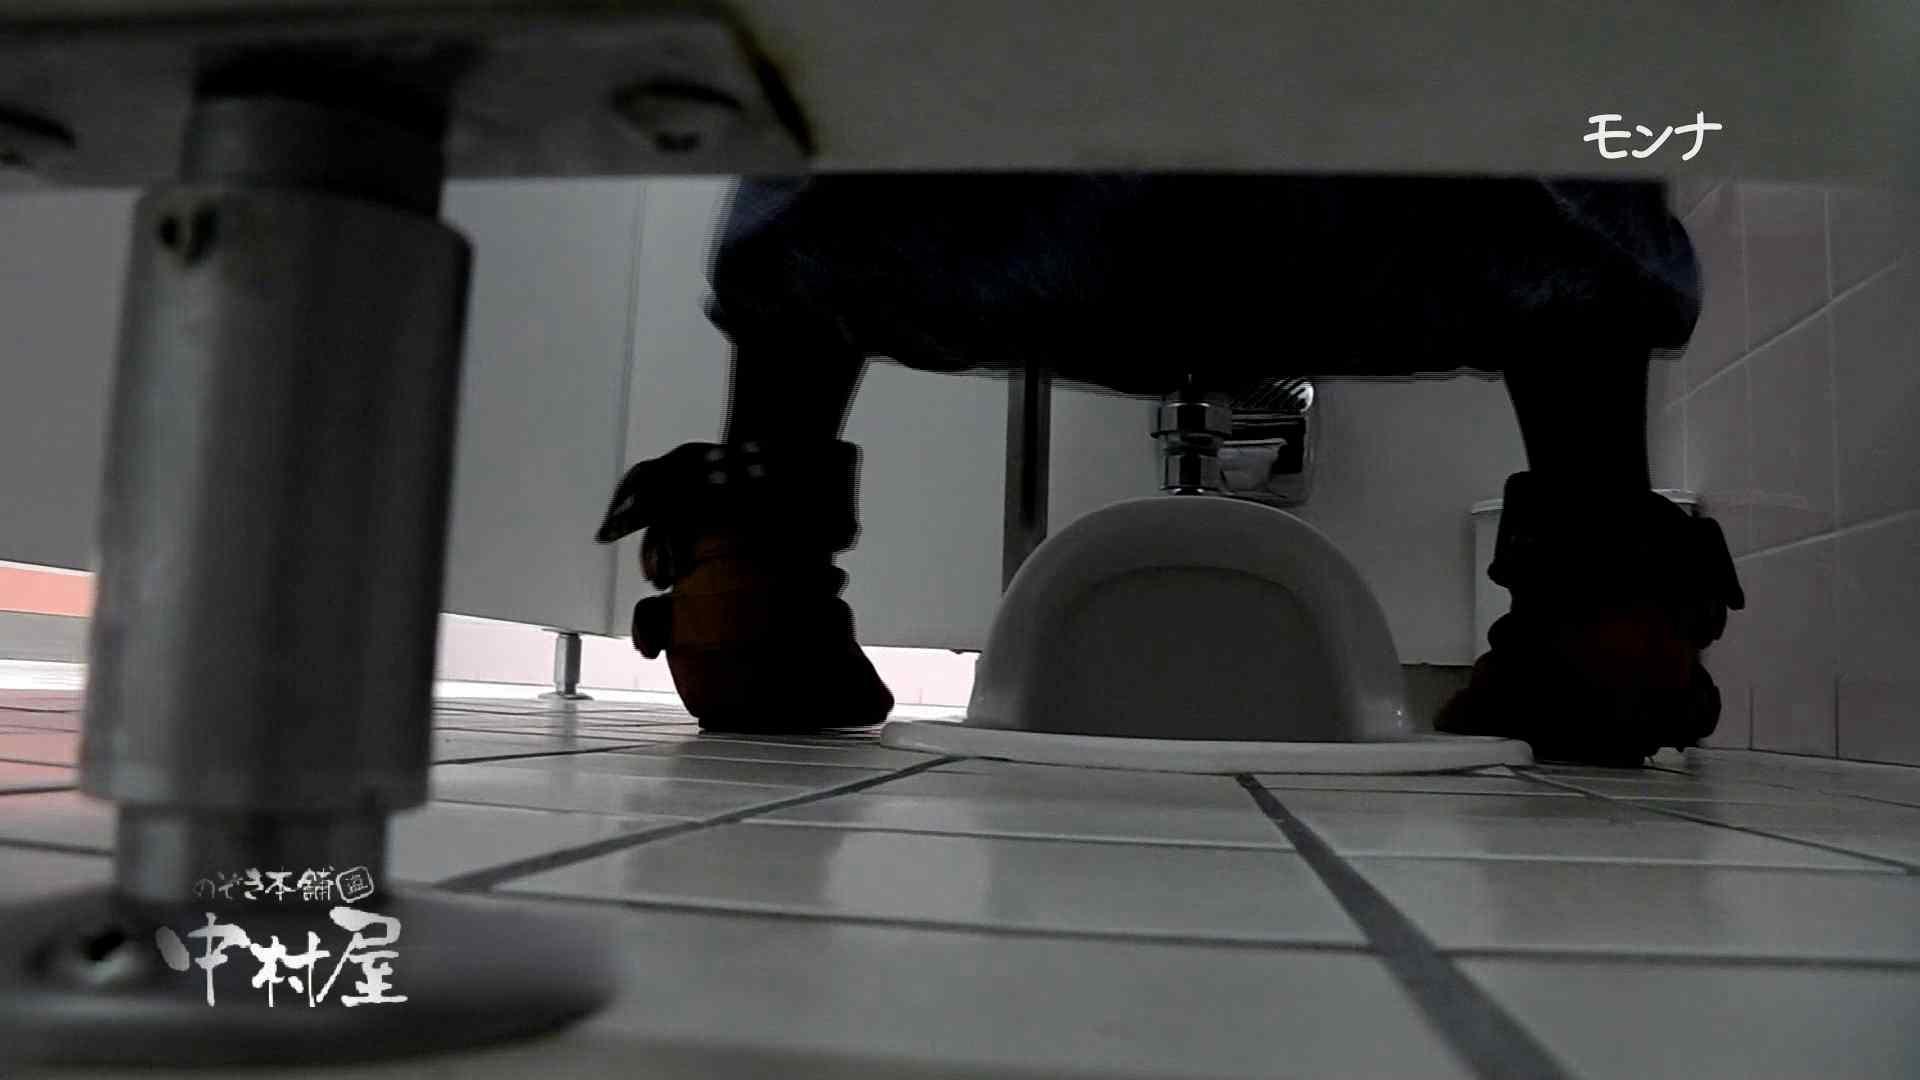 巨乳 乳首:【美しい日本の未来】新学期!!下半身中心に攻めてます美女可愛い女子悪戯盗satuトイレ前編:のぞき本舗 中村屋